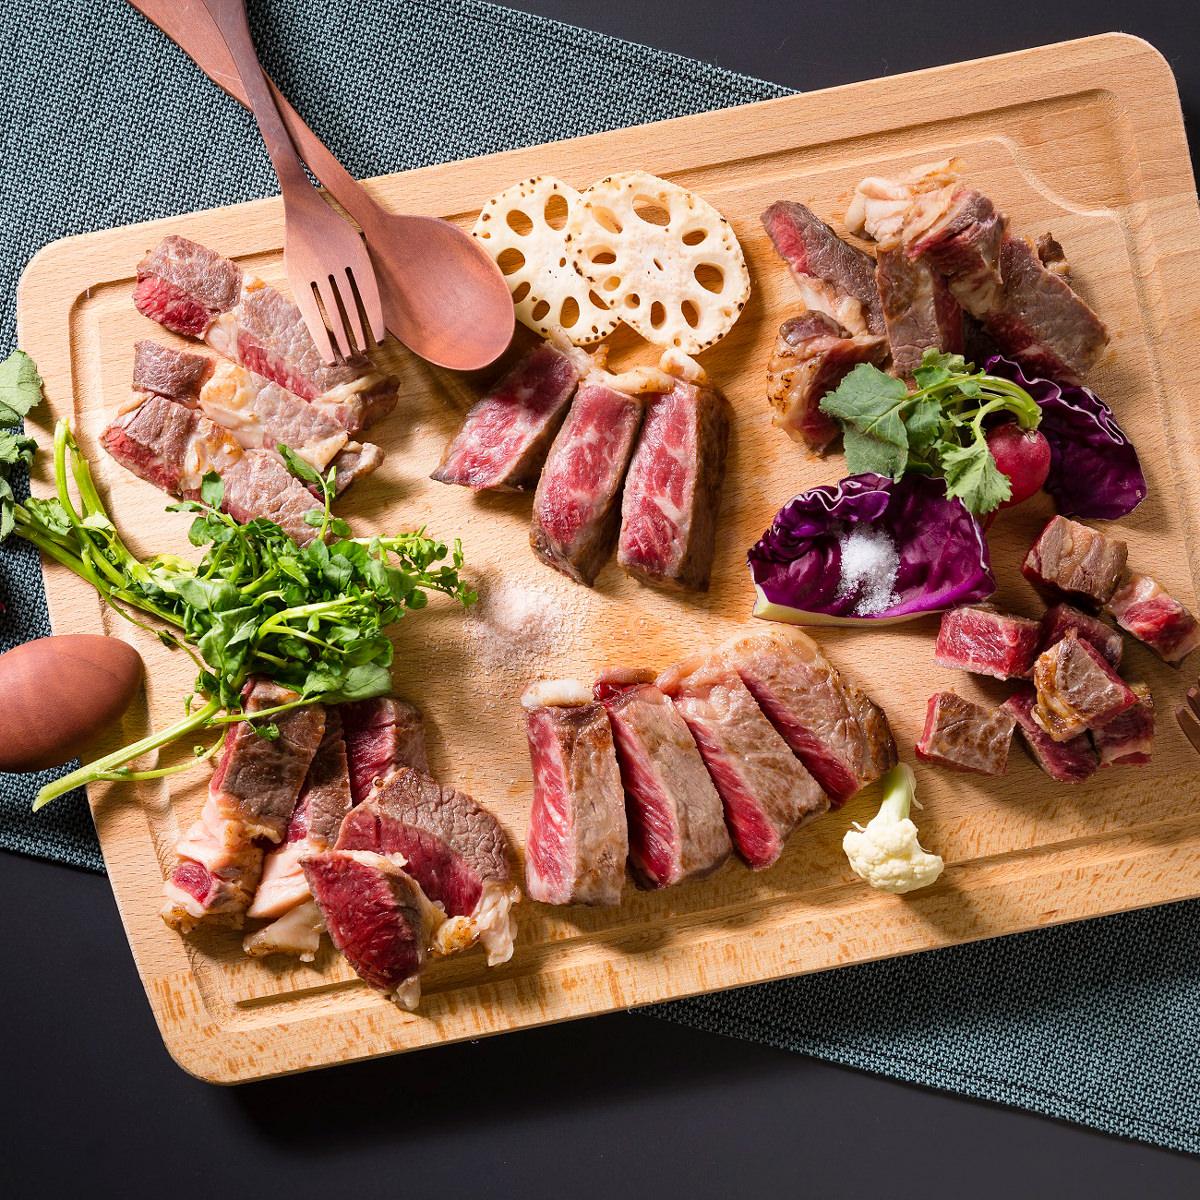 発酵熟成肉 黒毛和牛肩ロースステーキ400g 〔和牛肩ロース200g×2、岩塩1g×2、ピンク岩塩1g×2〕 牛肉